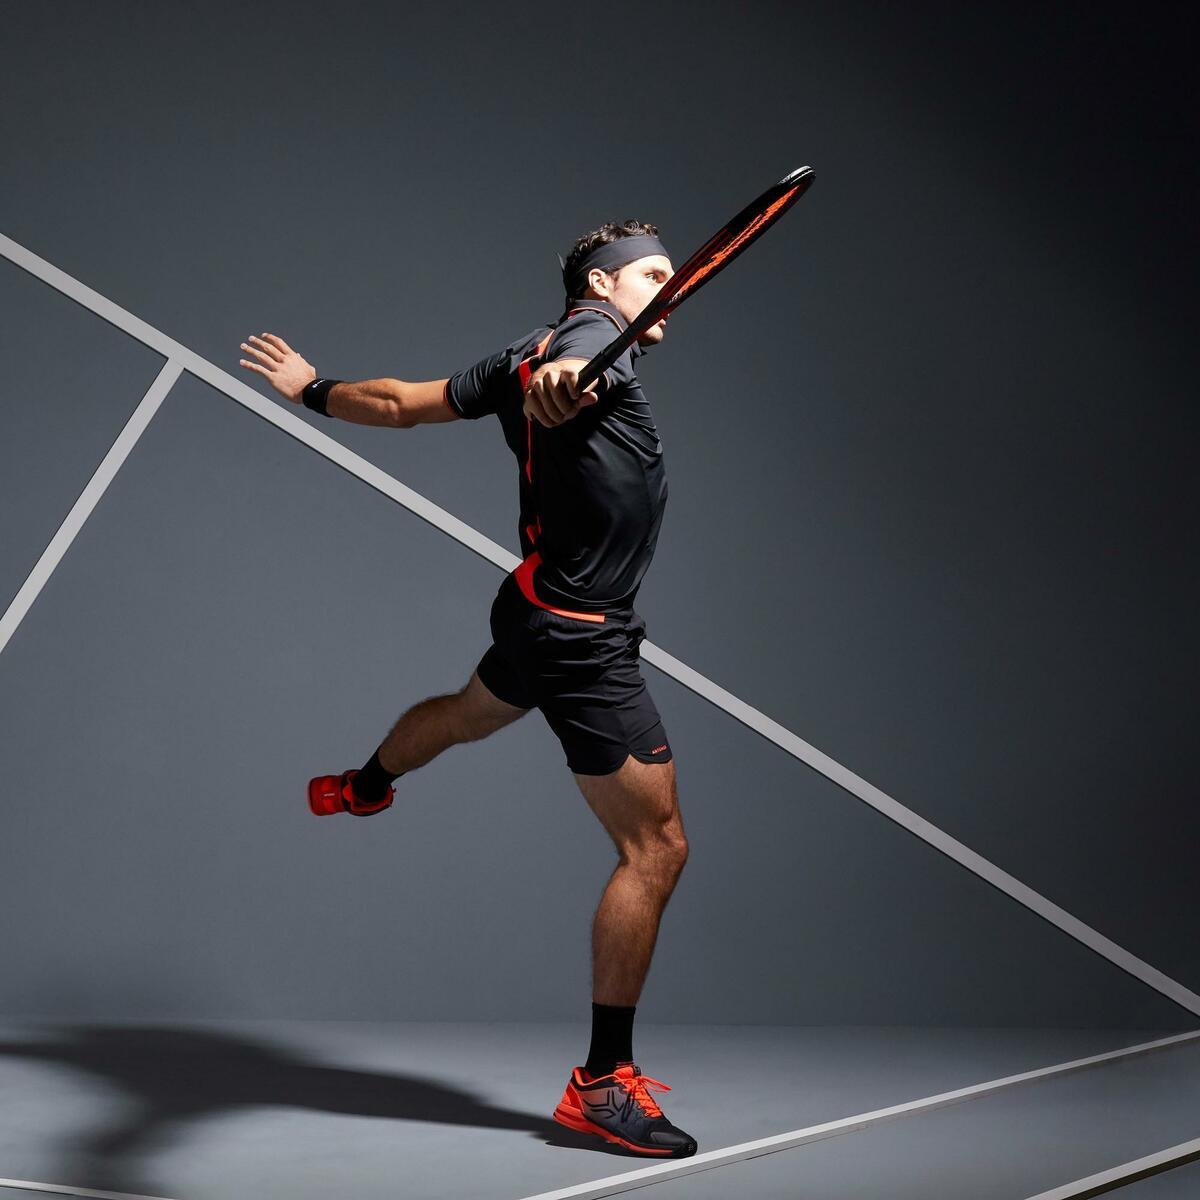 Bild 2 von Tennis-Shorts Dry 500 Herren schwarz/orange